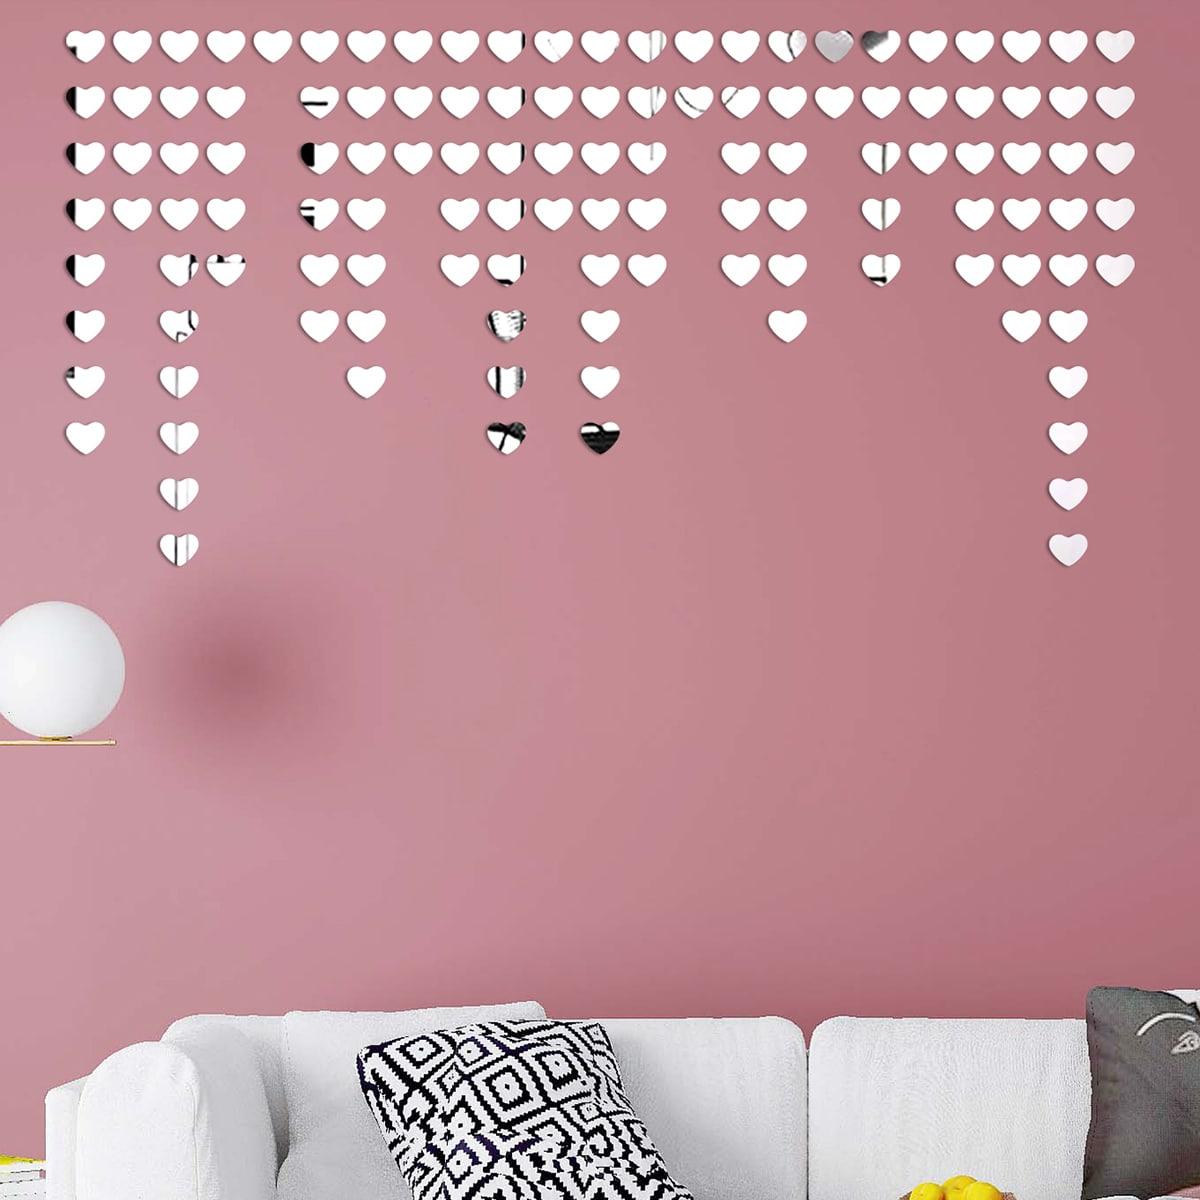 Наклейка на стену с сердечным зеркалом 100шт